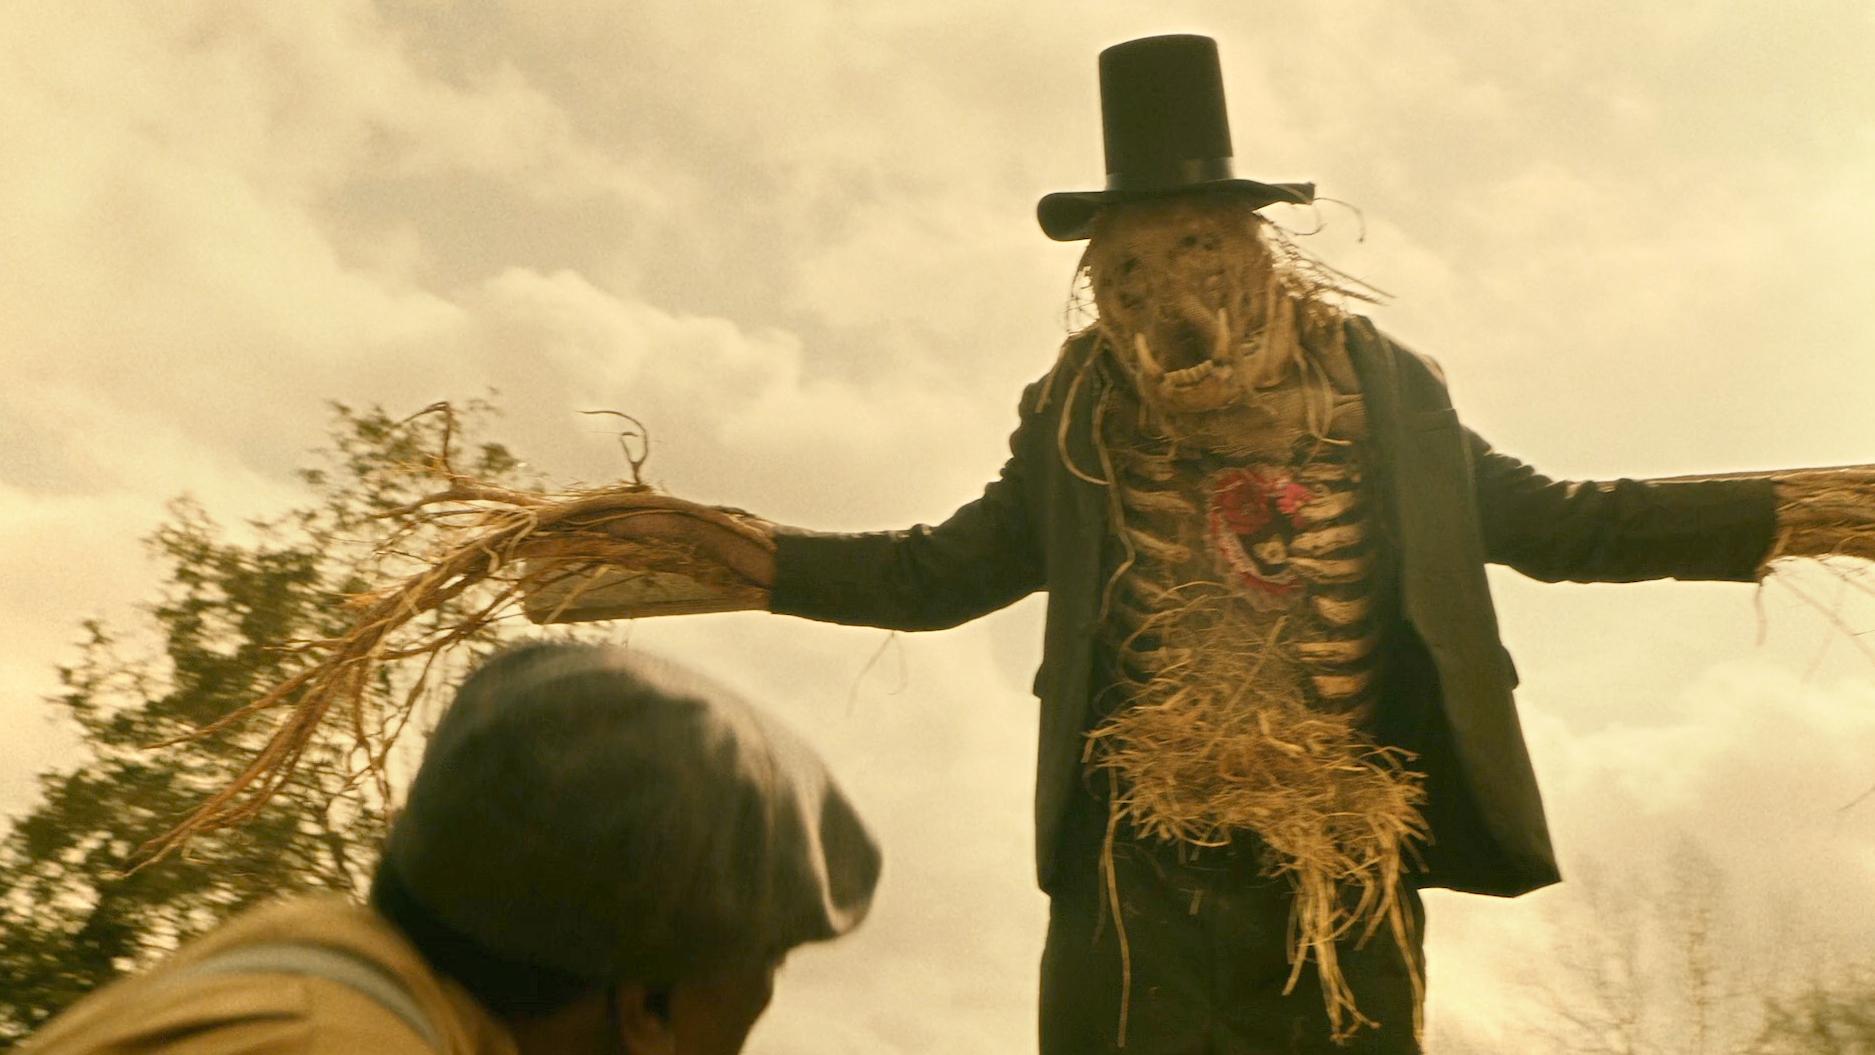 老人用亡妻遗物,当稻草人的心脏,结果稻草人瞬间活了过来!速看奇幻短片《鬼作秀:伴侣》